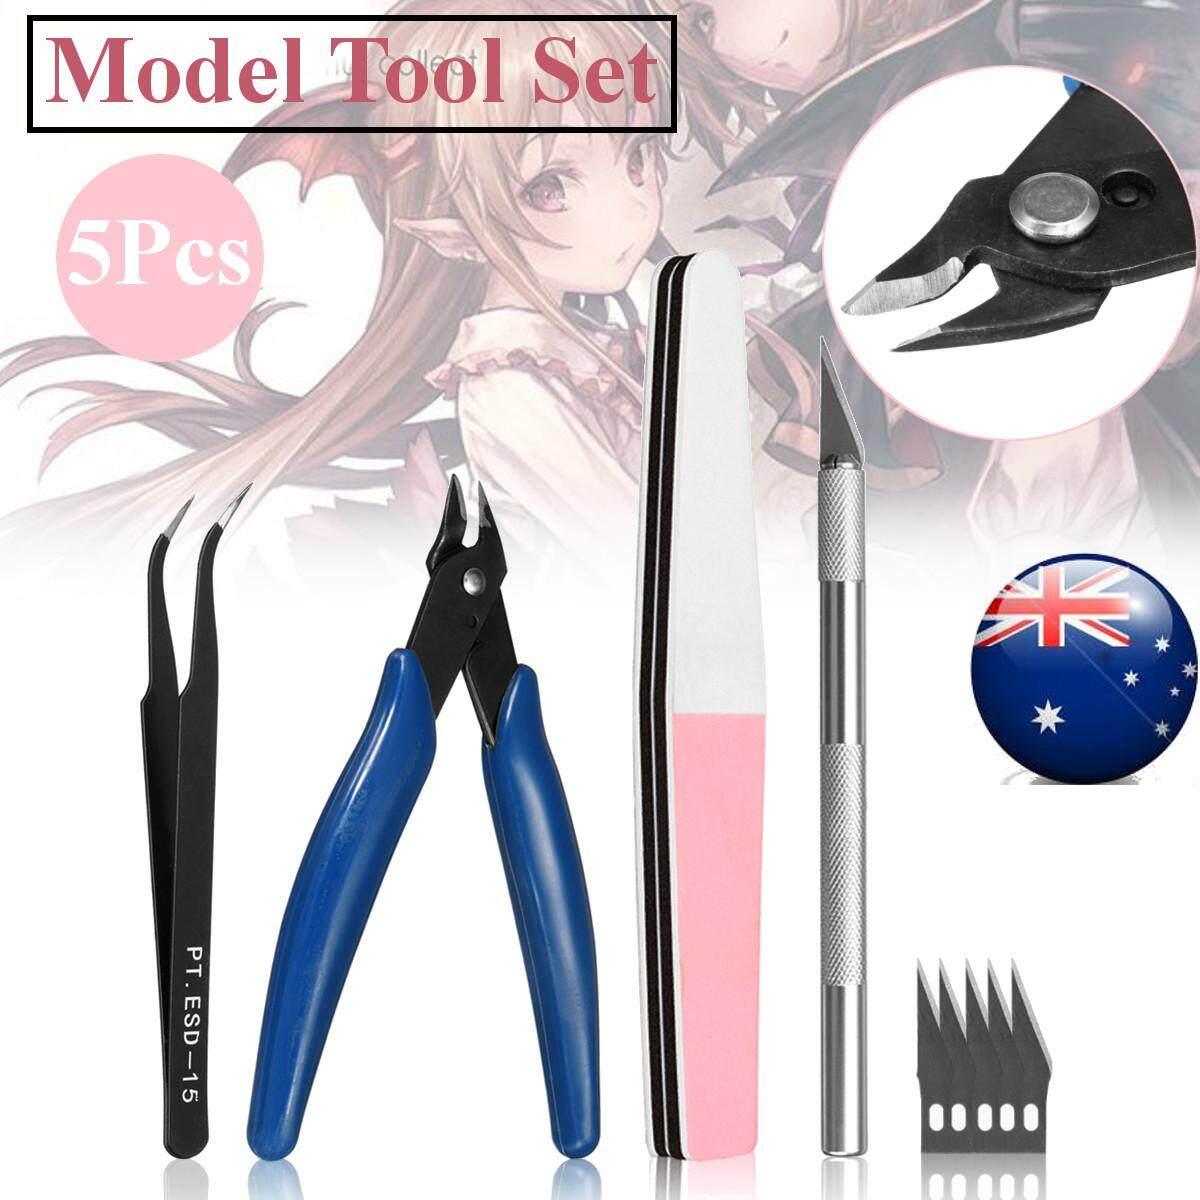 Ophir Diy Modeler Builder Tool Set Craft Kit Hobby Model Tools Kit For Gundam By Moonbeam.